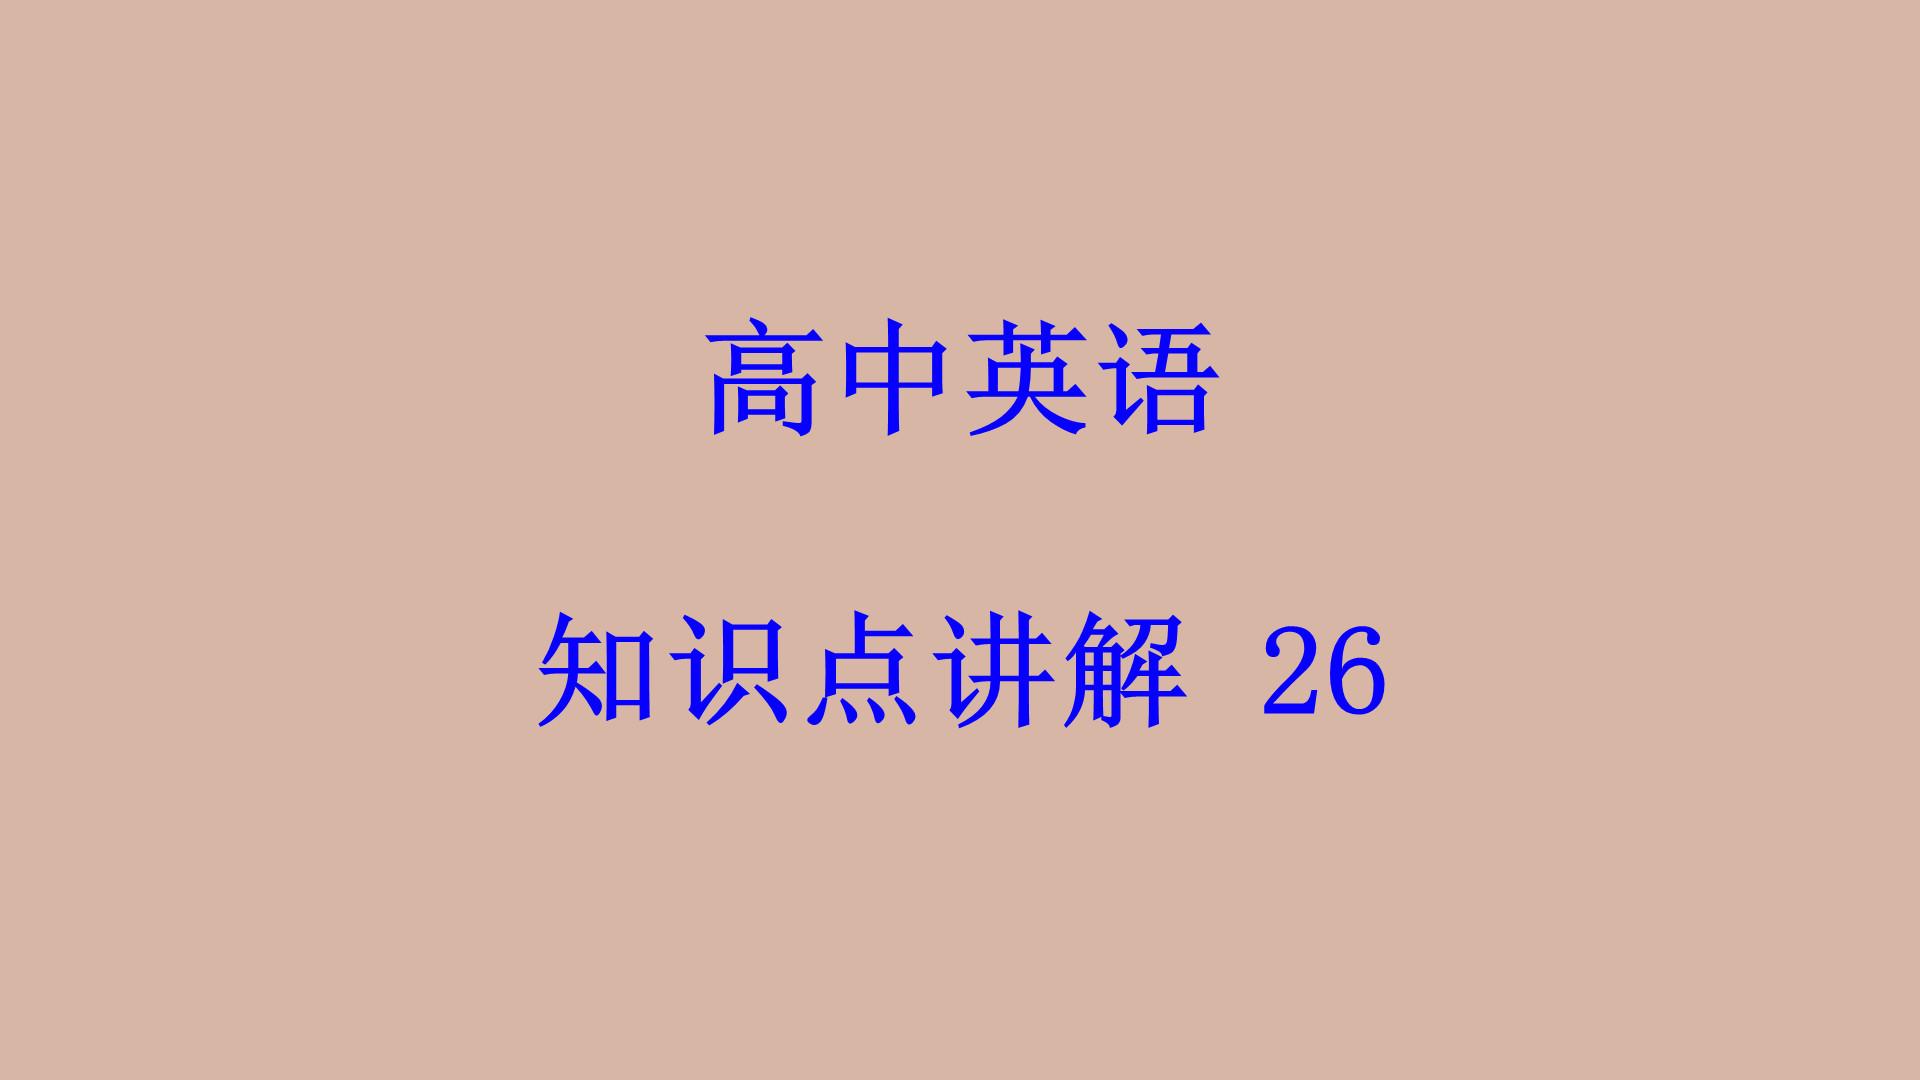 高中英语基础知识讲解26